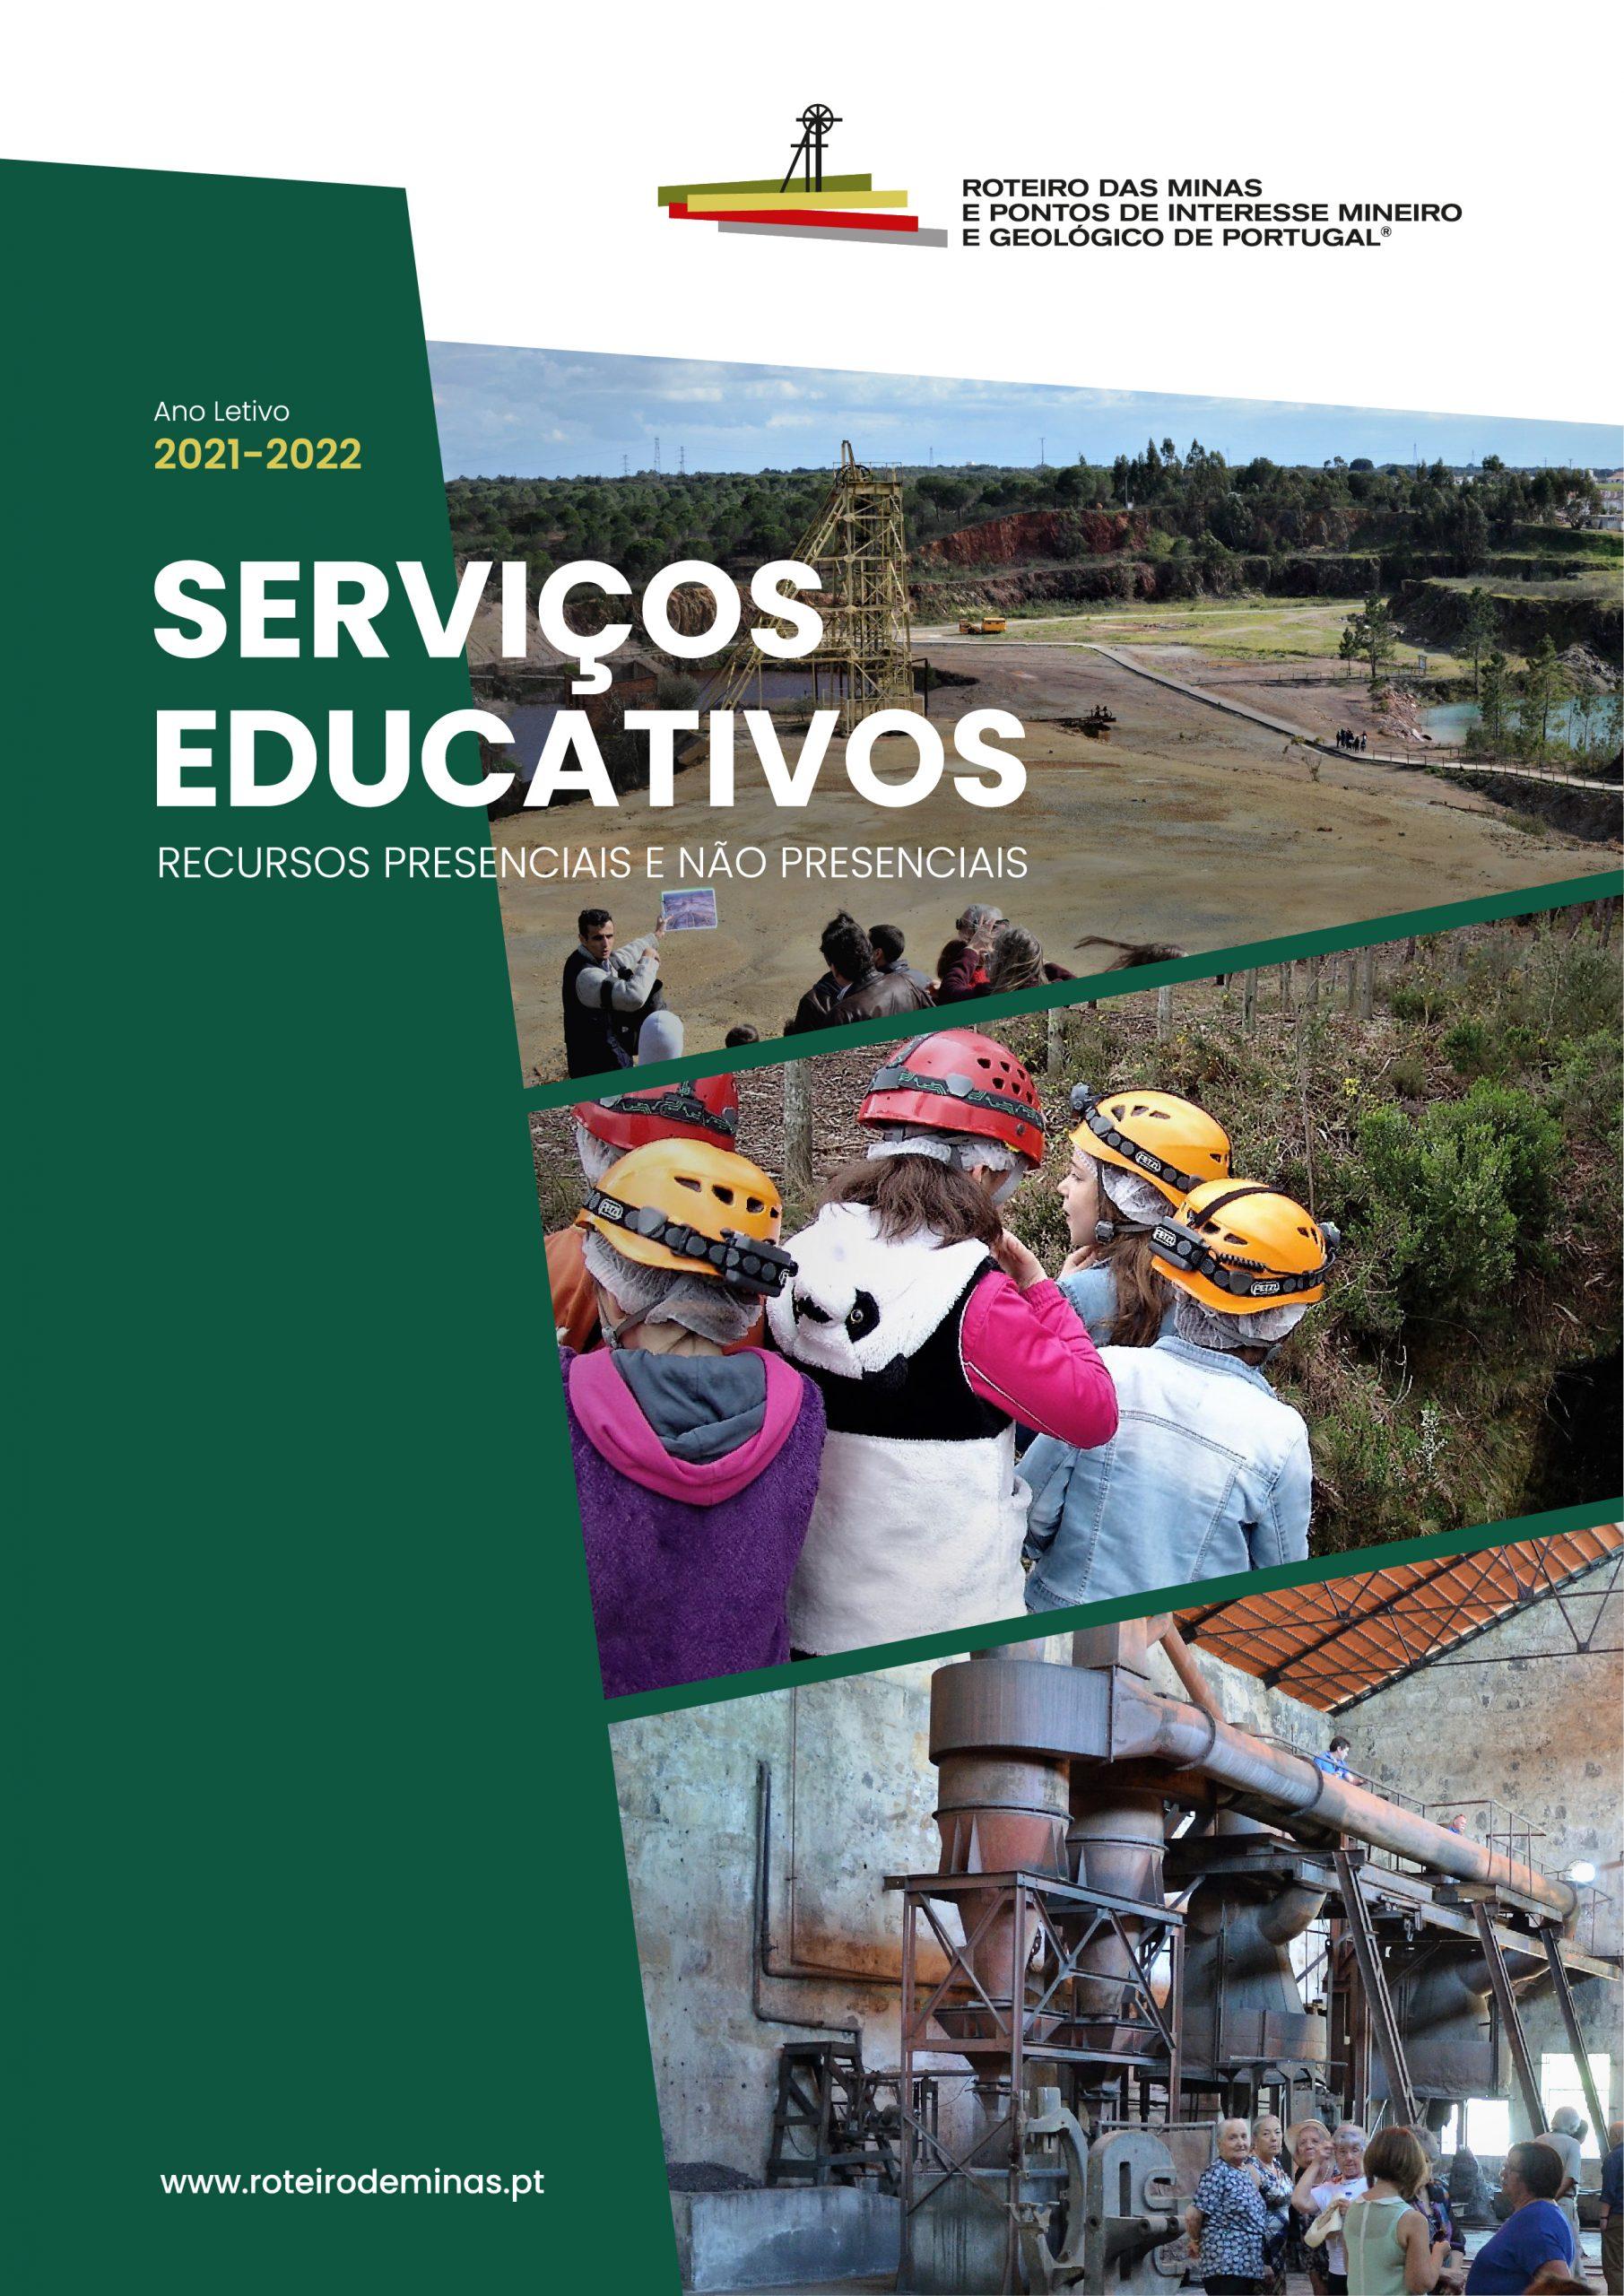 Roteiro de Minas e Pontos de Interesse Mineiro e Geológico de Portugal – Serviços Educativos do ano letivo 2021-2022